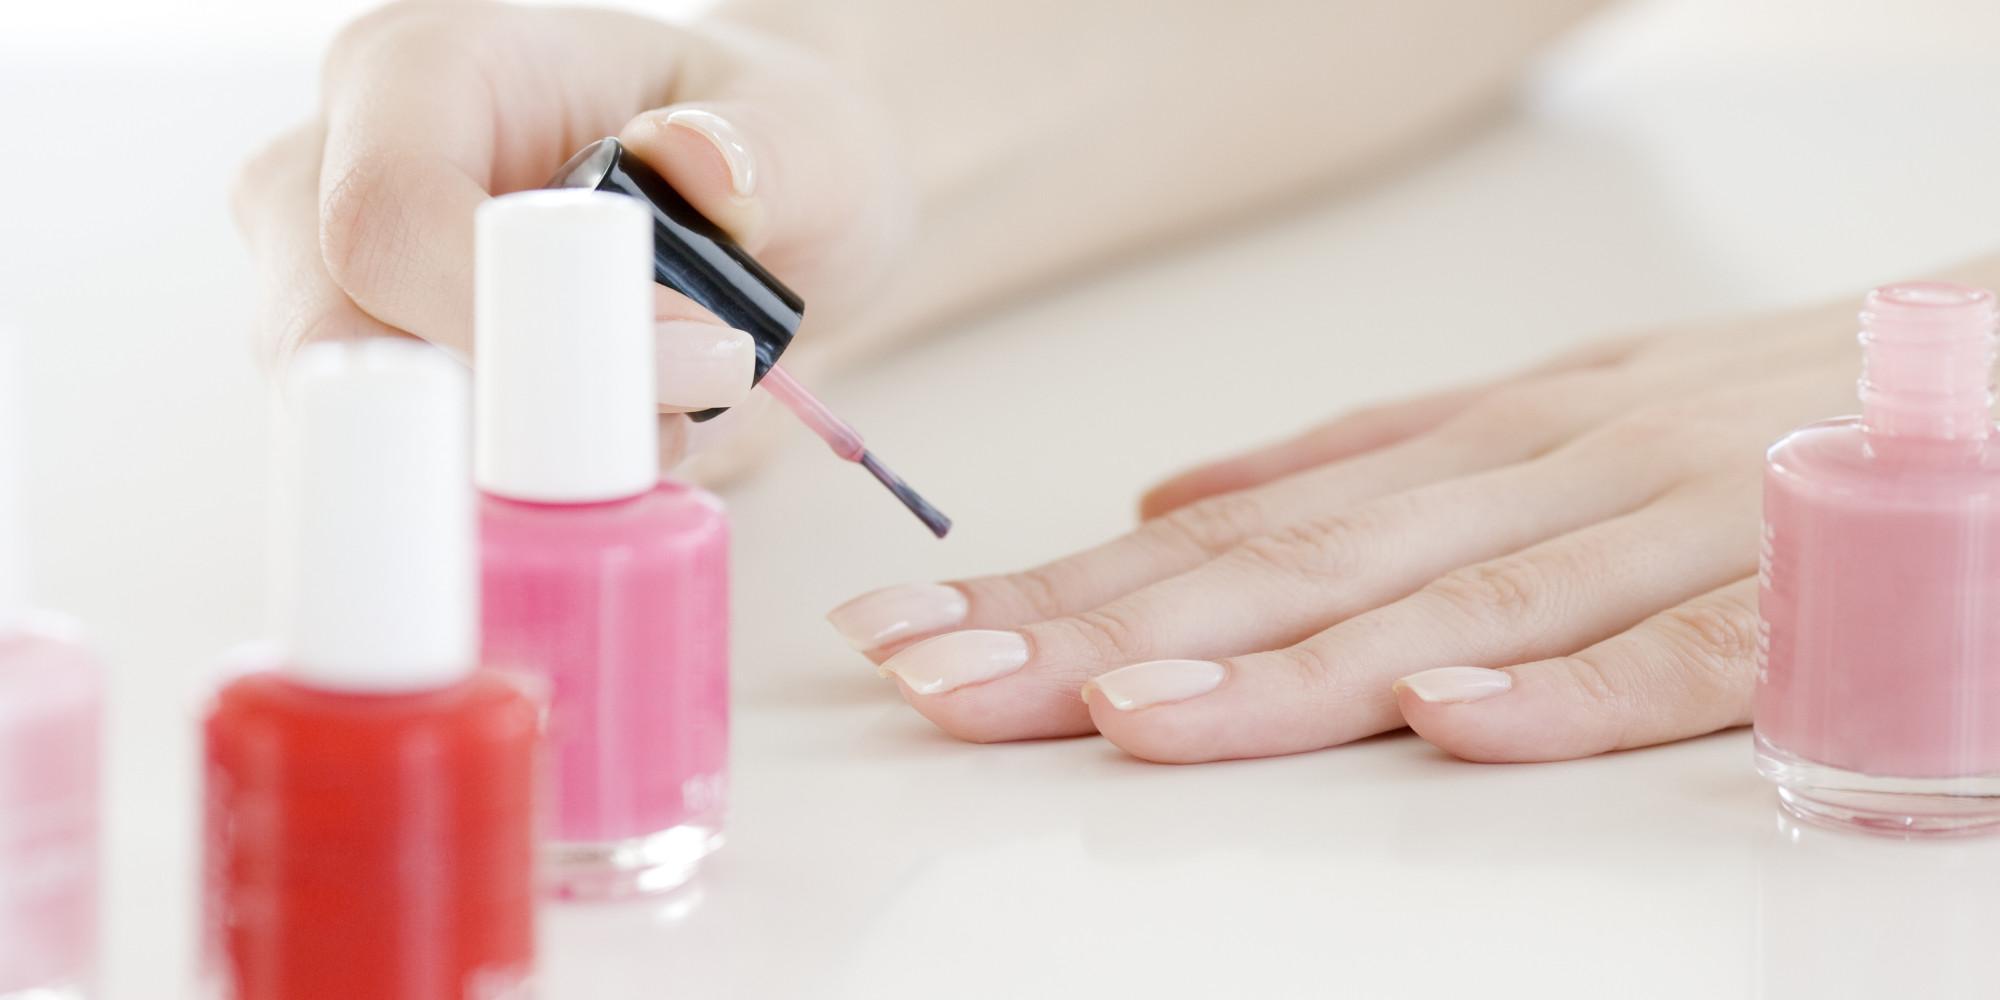 Чем накрасить ногти чтобы долго держалось